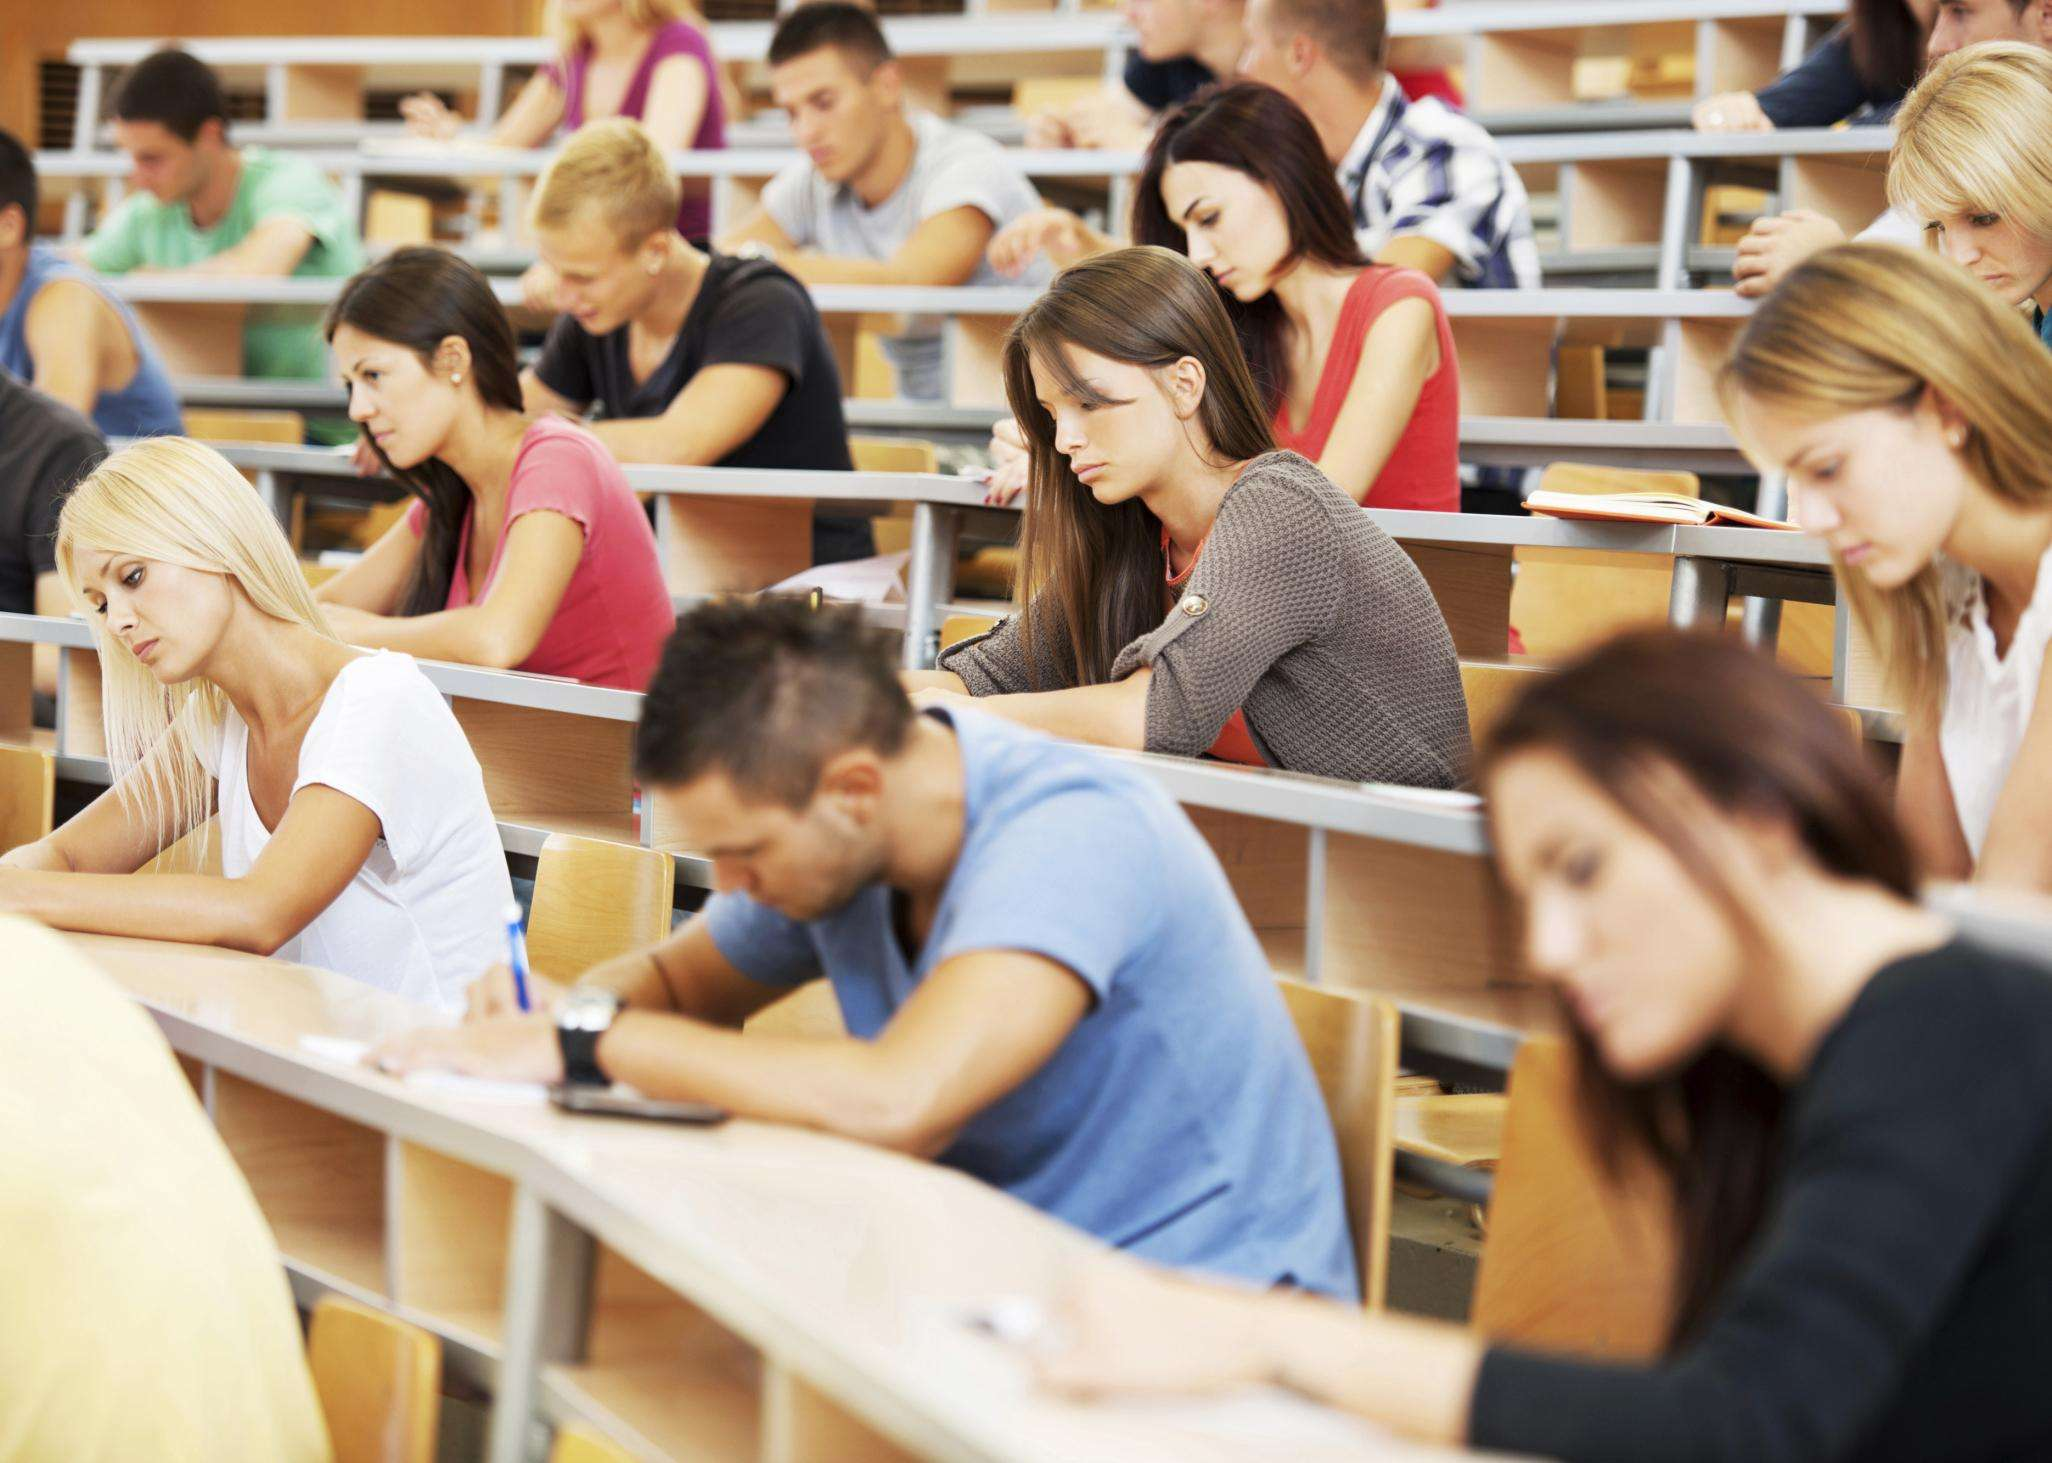 美国留学奖学金申请条件及步骤都在这里